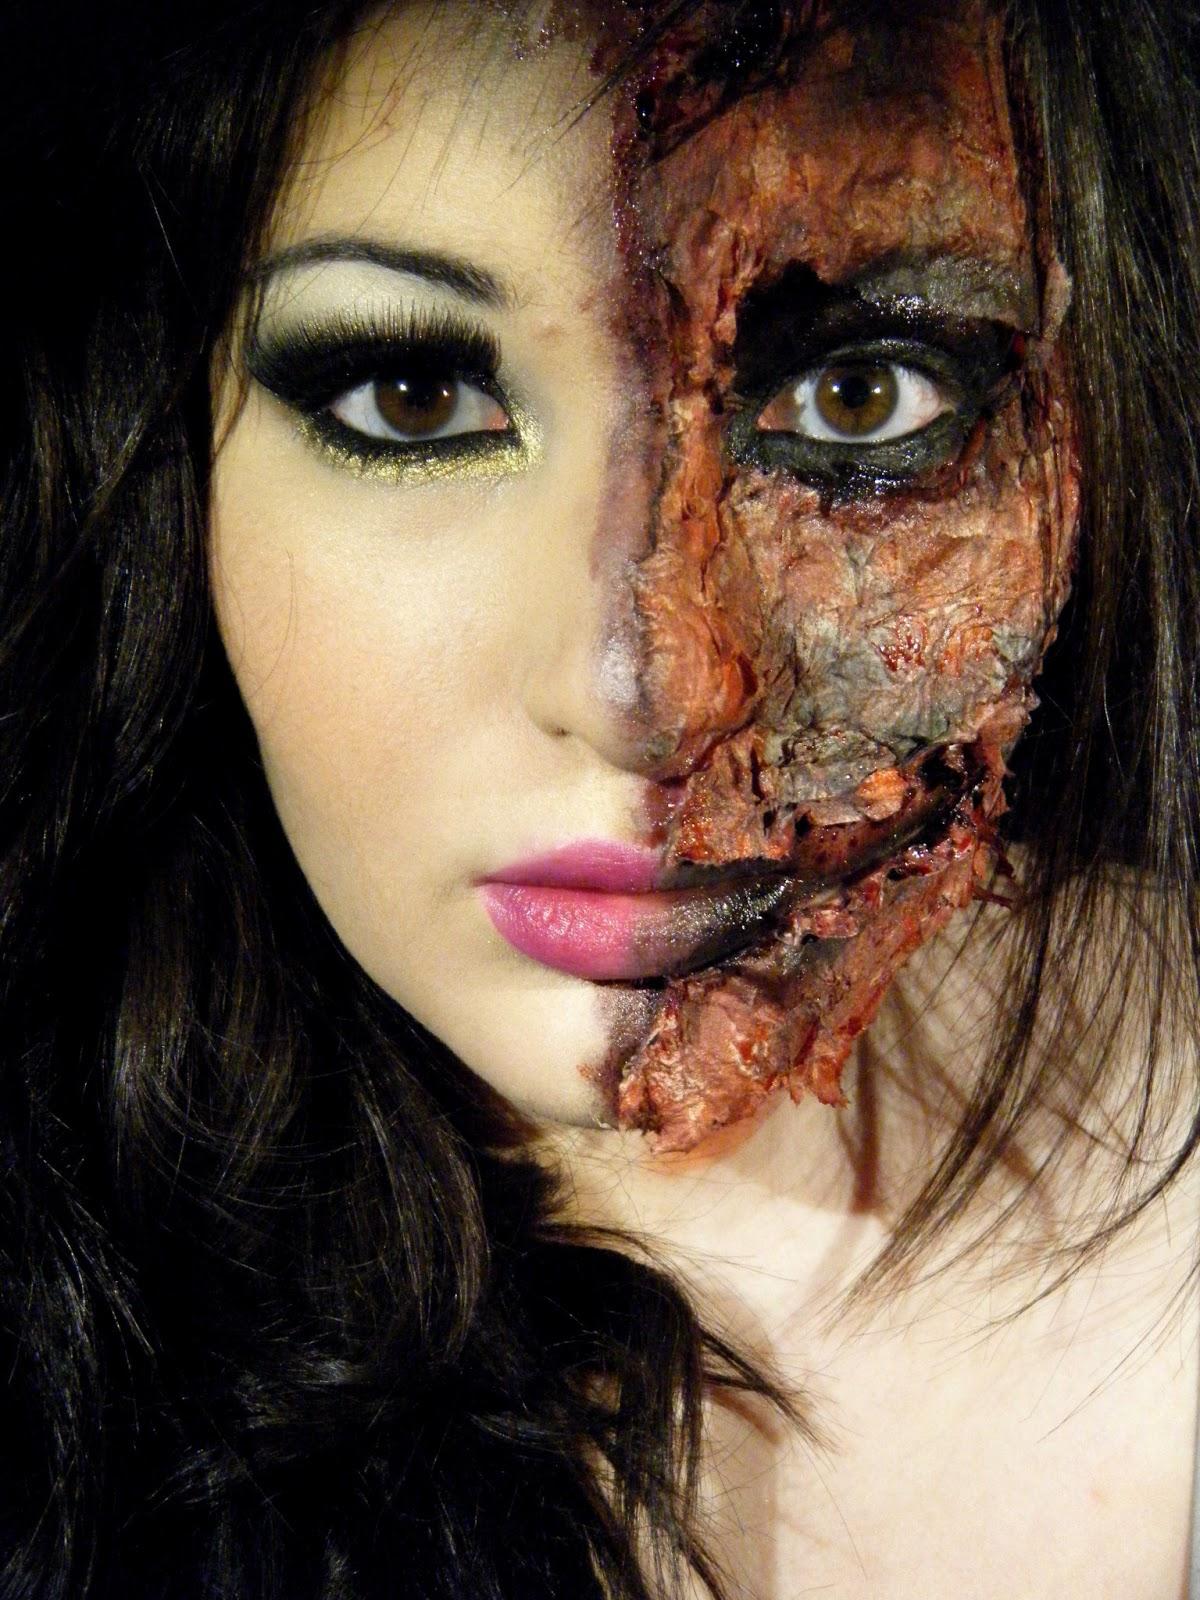 Mon petit coin beauté: Maquillage artistique # 4 Welcome